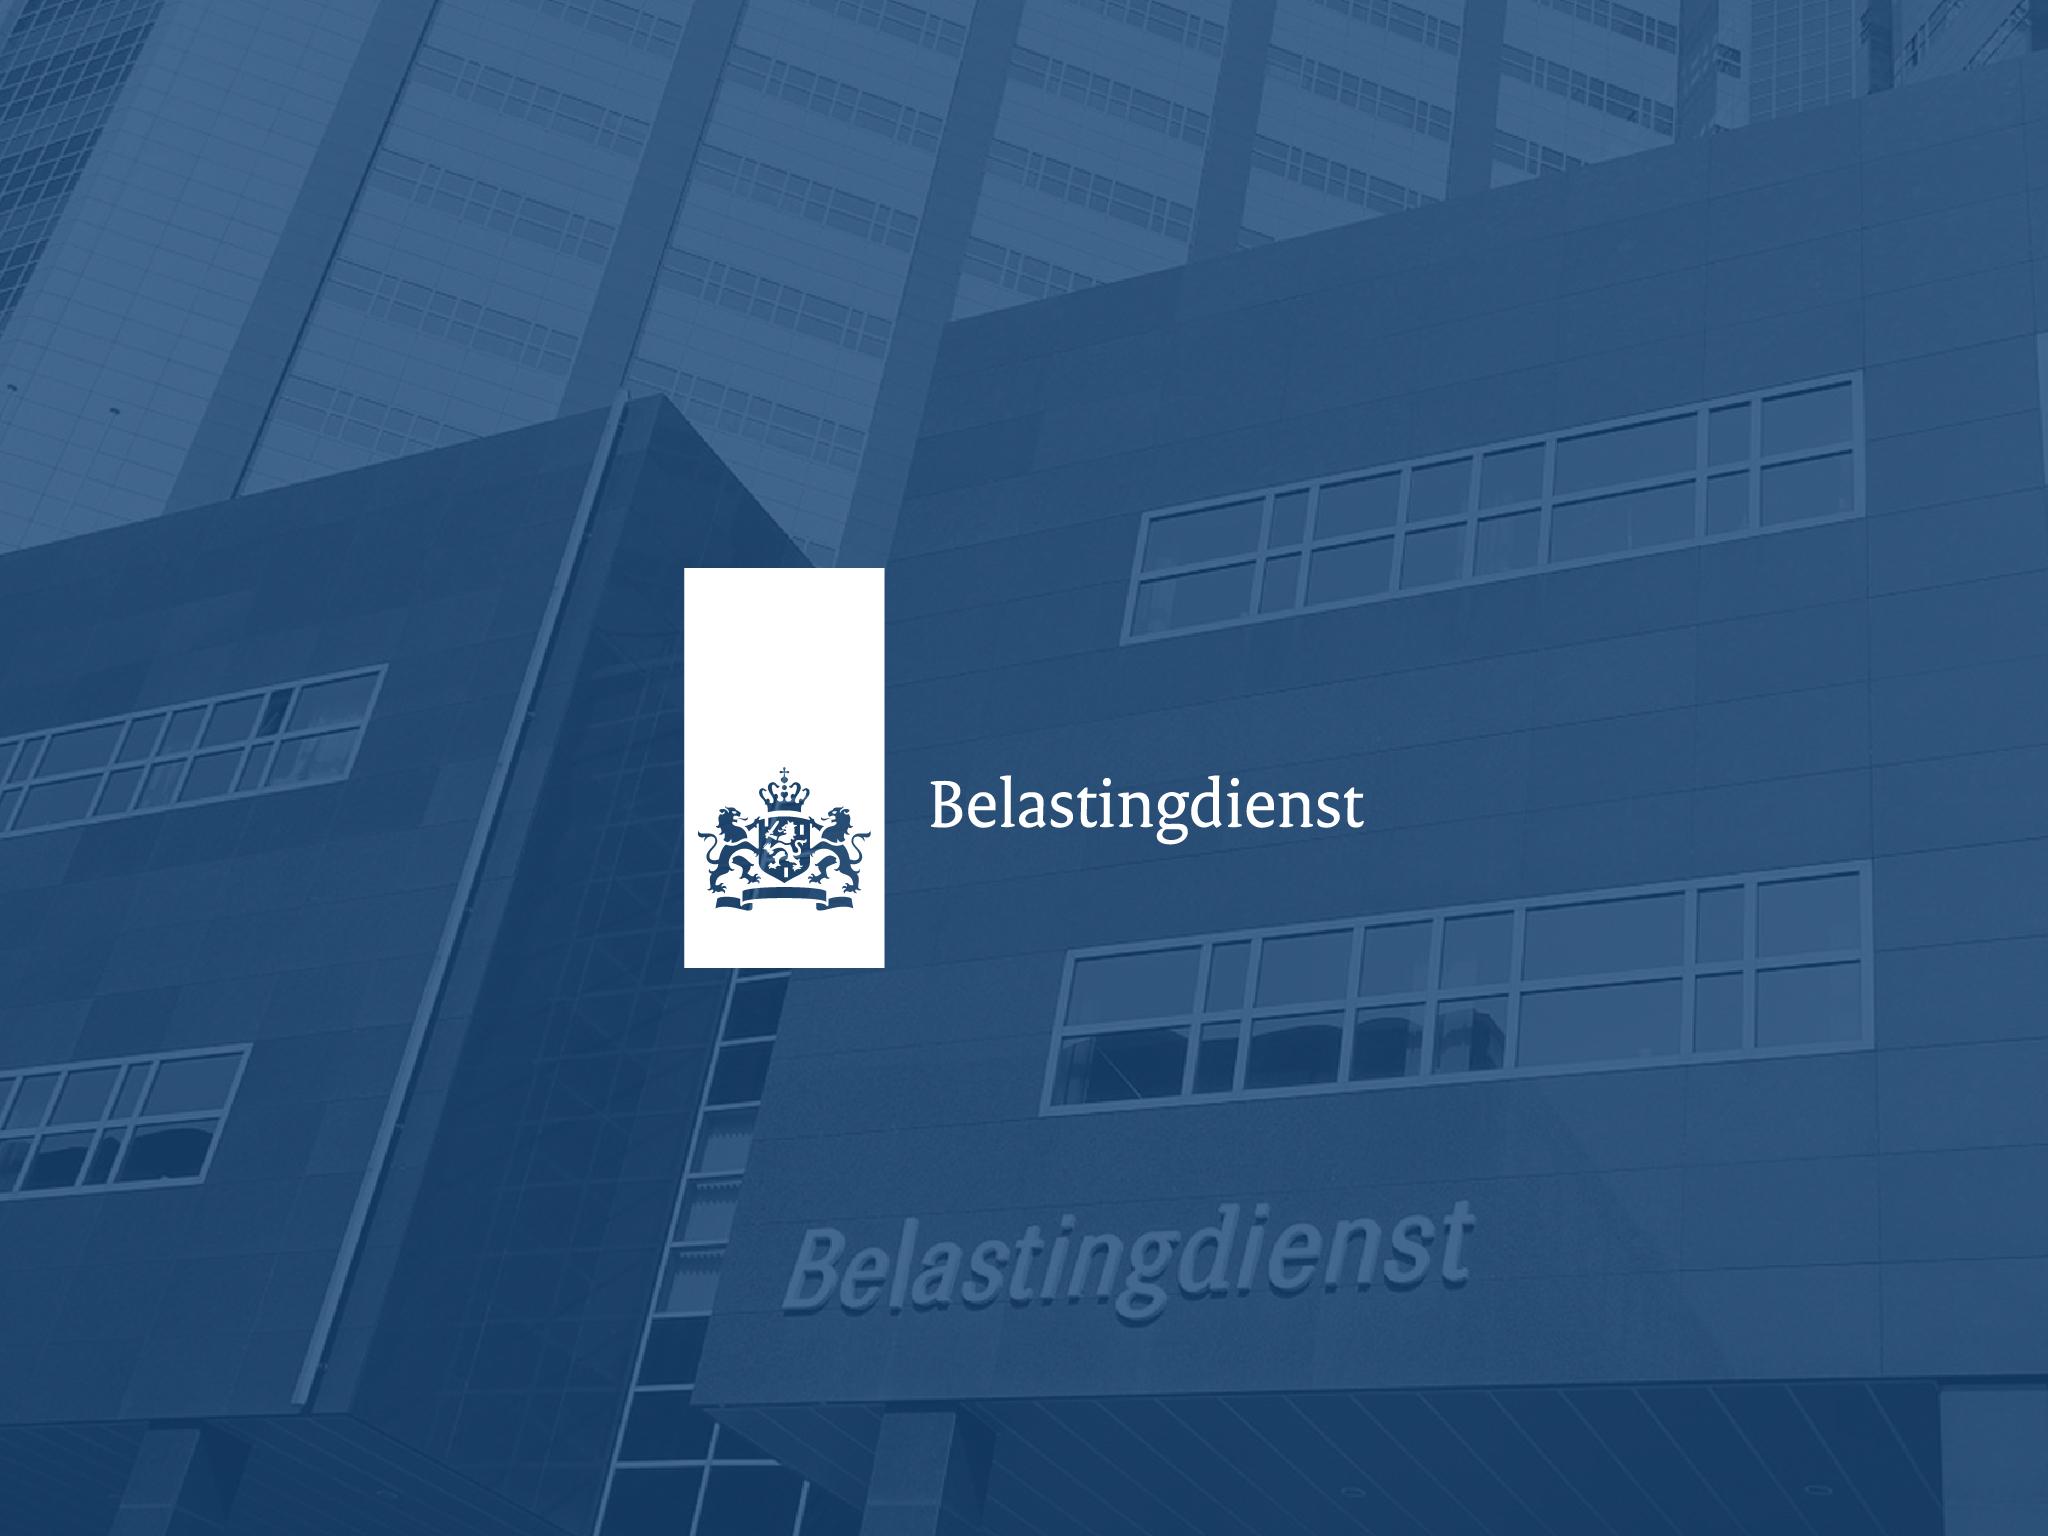 Nederlandse Belastingsdienst